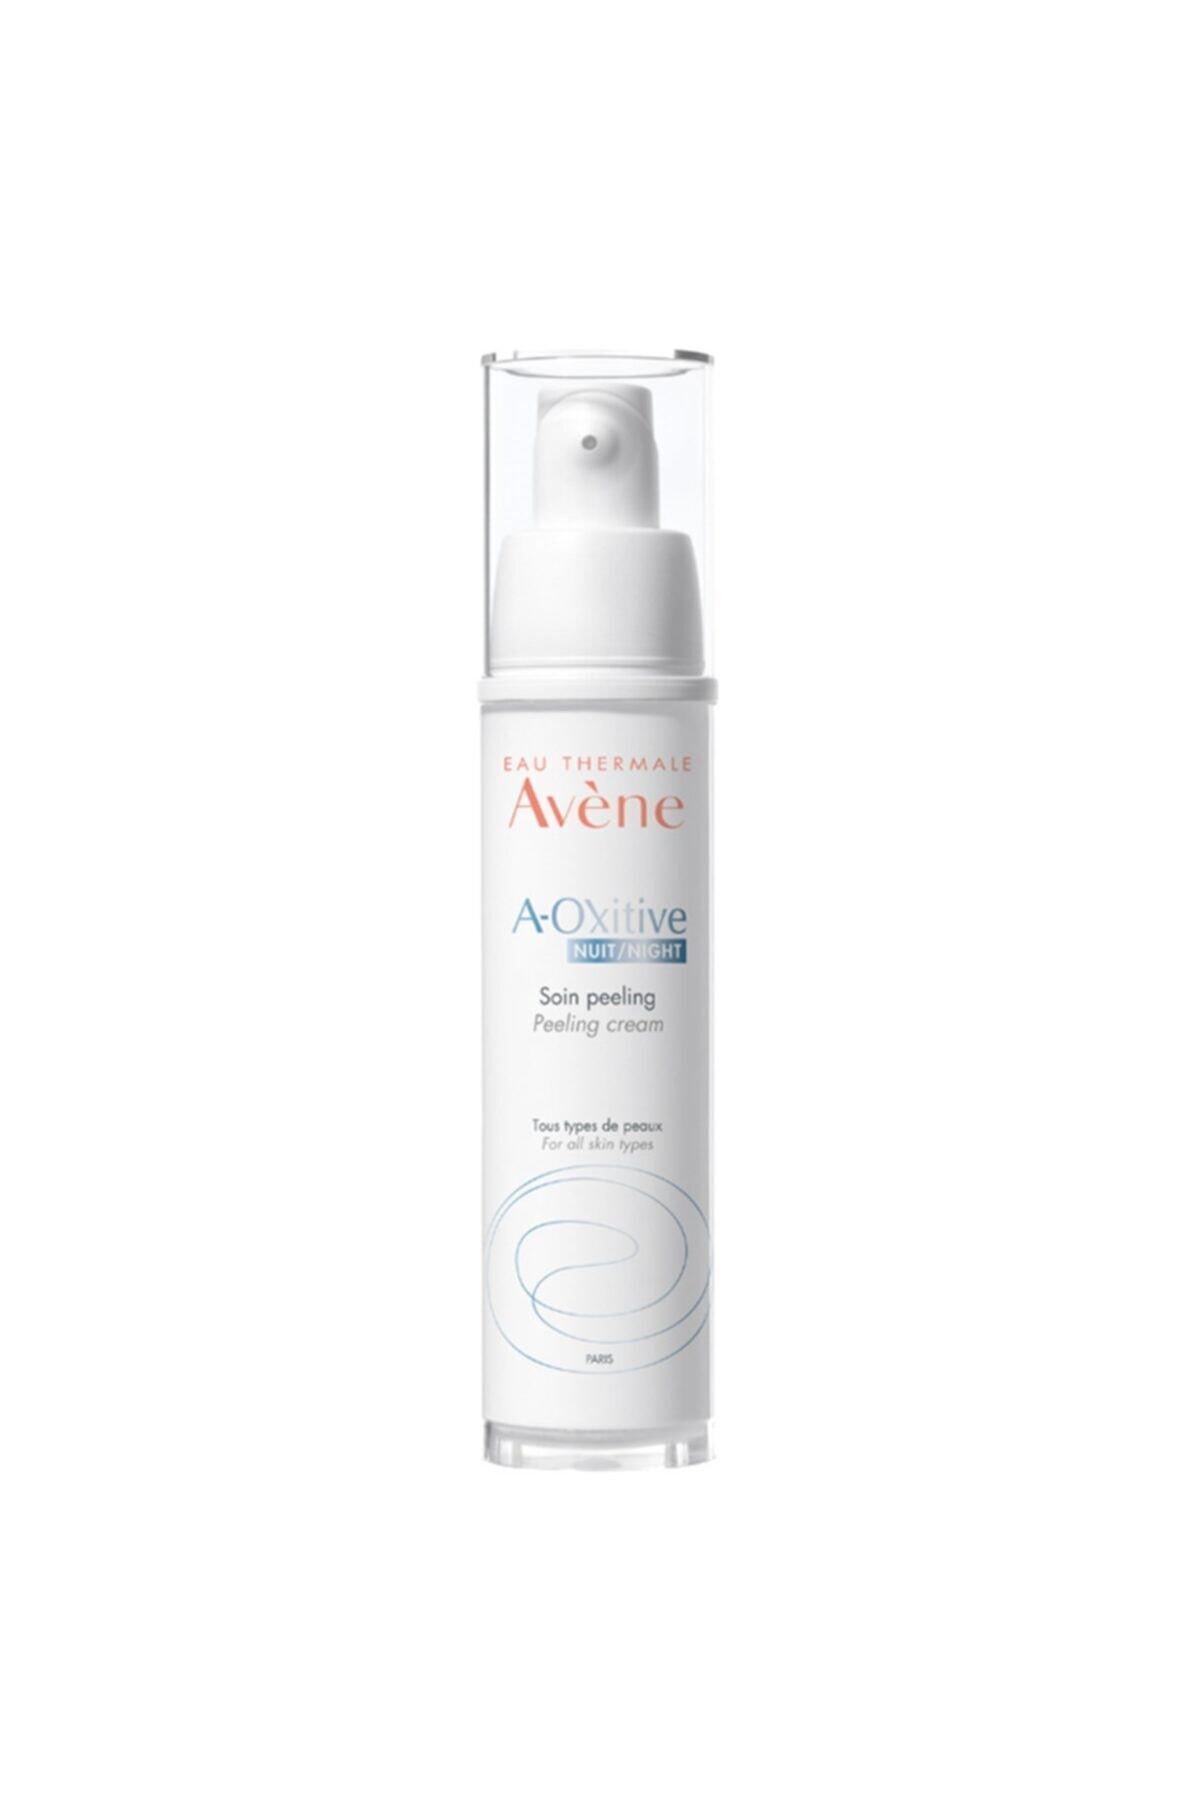 Avene A-oxitive Yaşlanma Karşıtı Peeling Etkili Gece Bakım Kremi 30 Ml 1